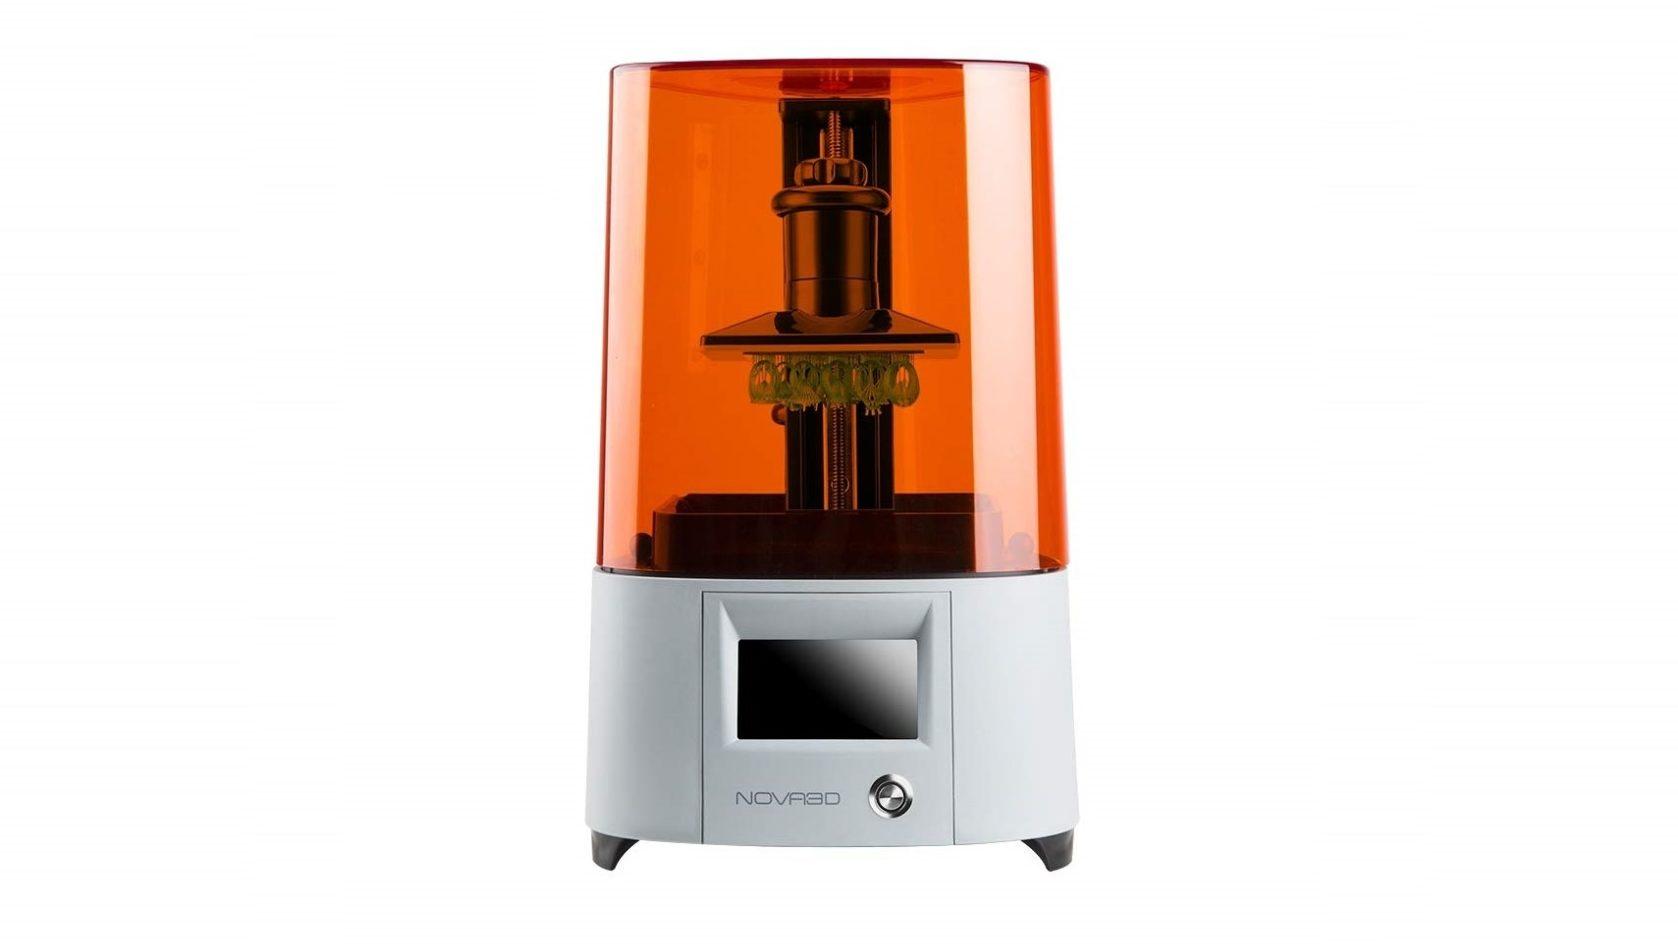 Nova3D Elfin 3D Printer: Review the Specs | All3DP